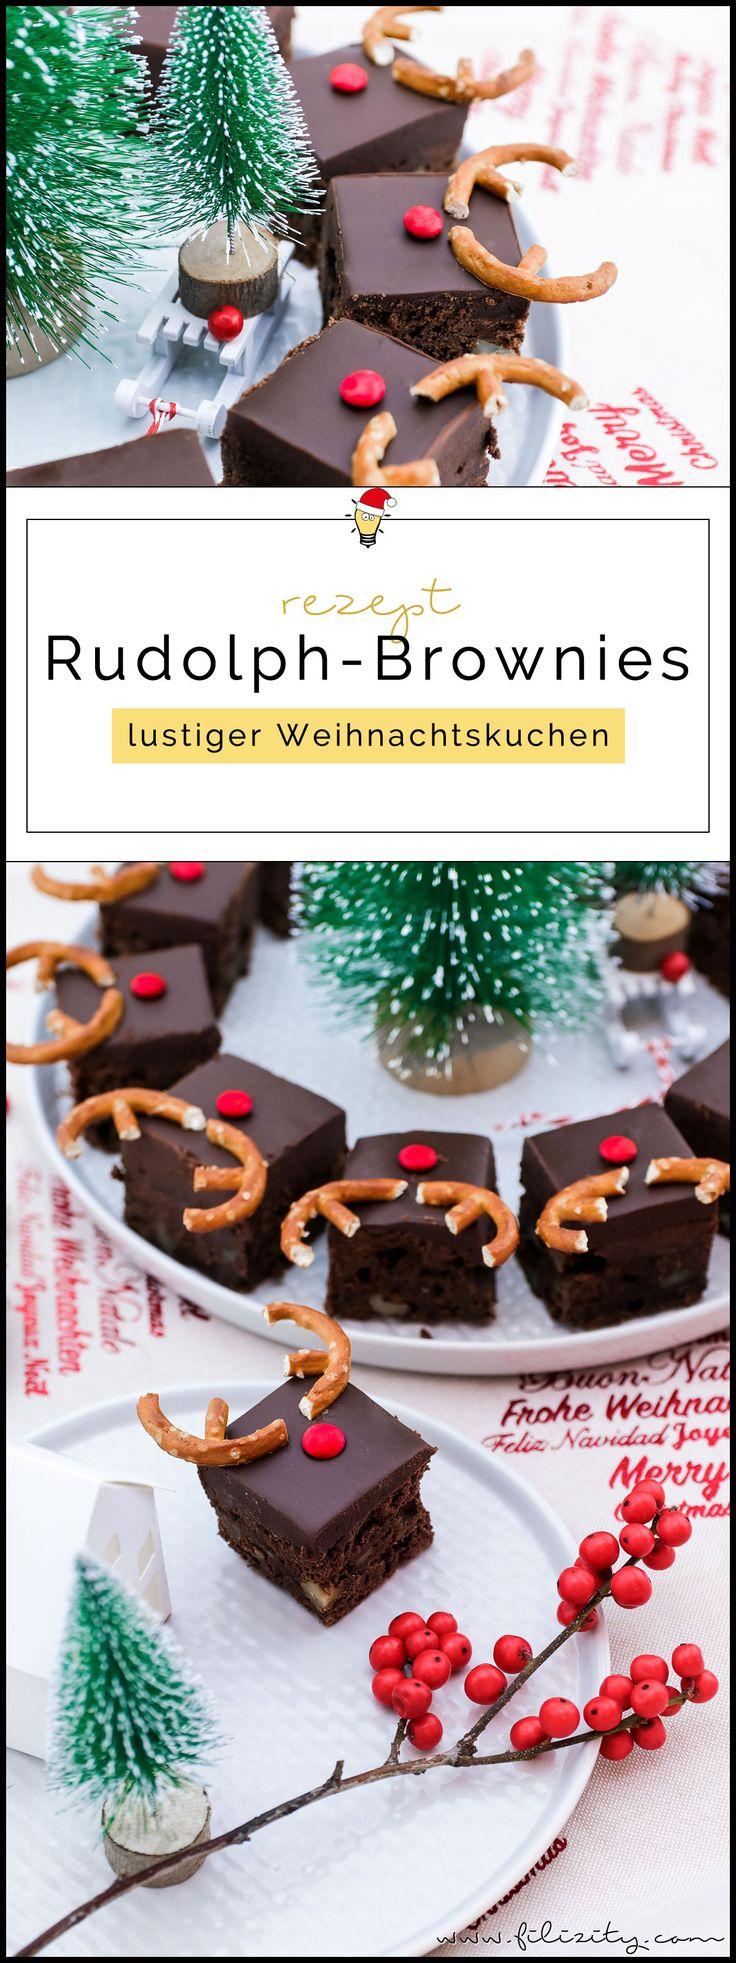 792 besten REZEPTE | Kuchen & Torten Bilder auf Pinterest | Kekse ...